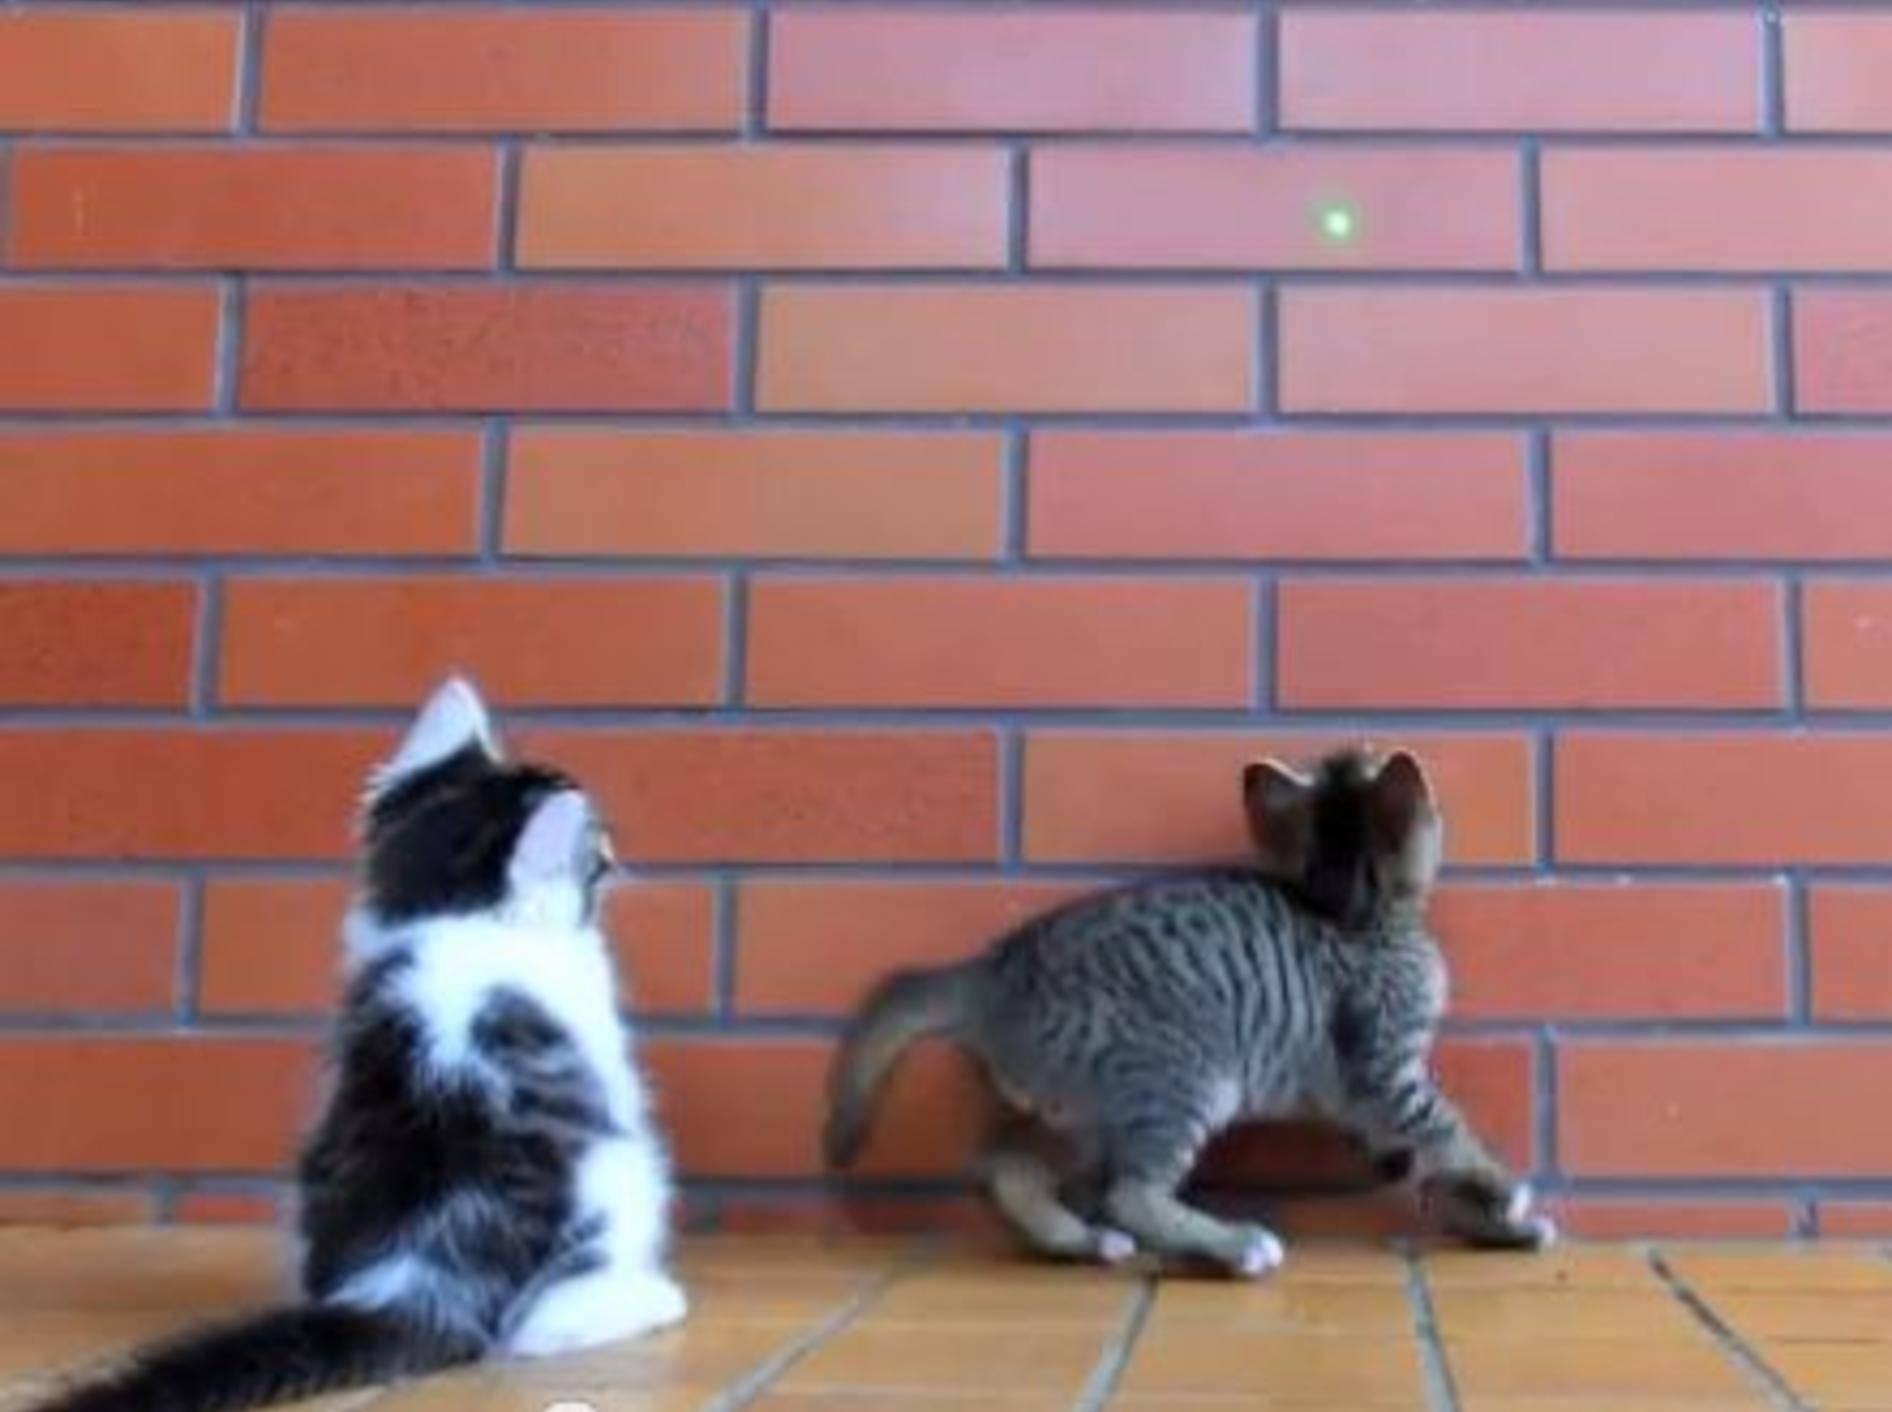 Lustiges Katzenbaby: He, lass mich mitspielen! — Bild: Youtube / SKYtomo